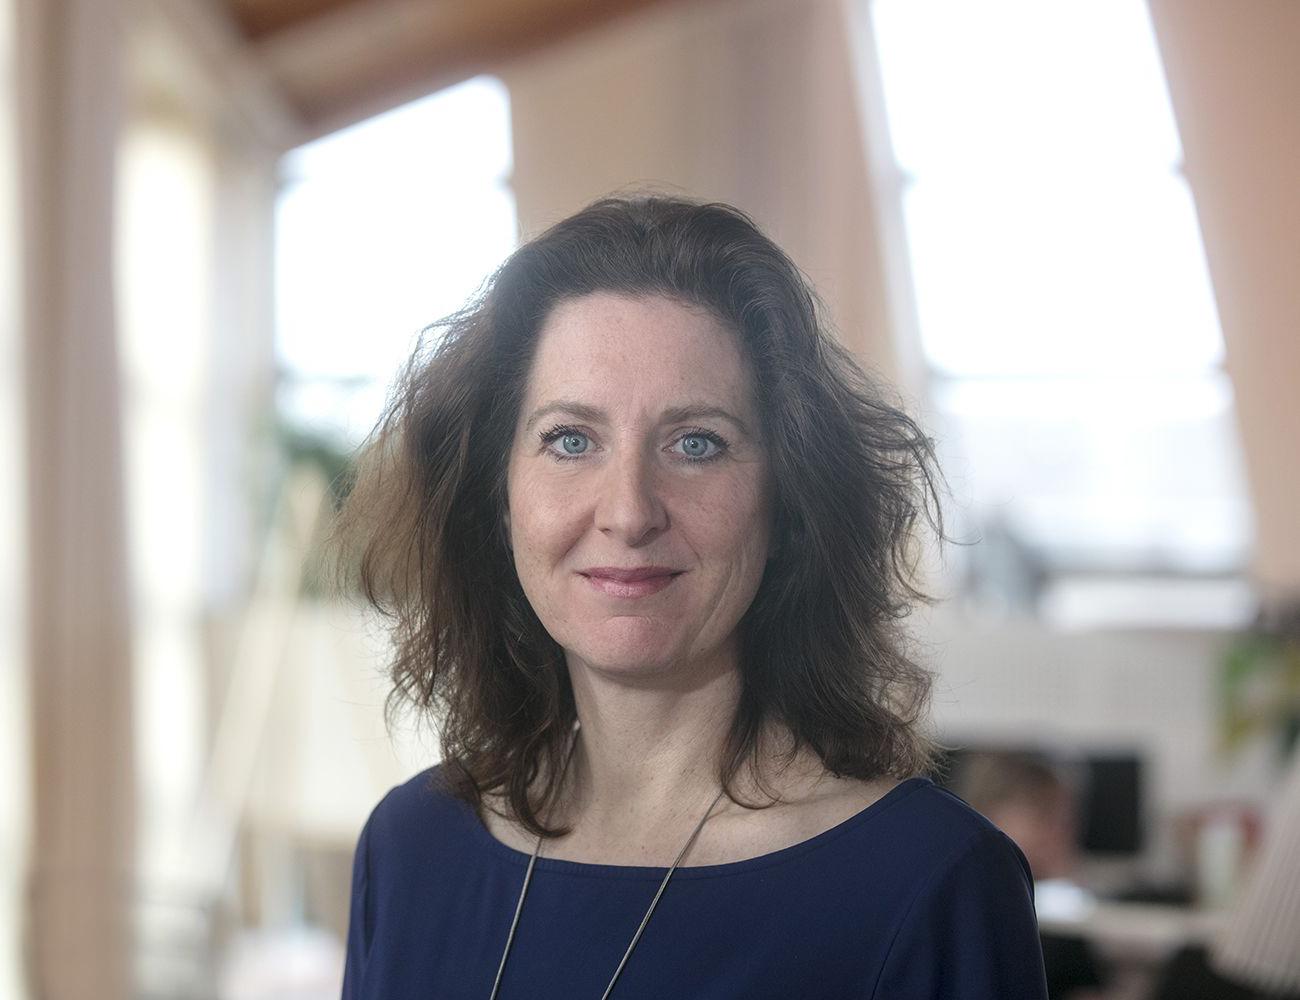 Daniella Corijn